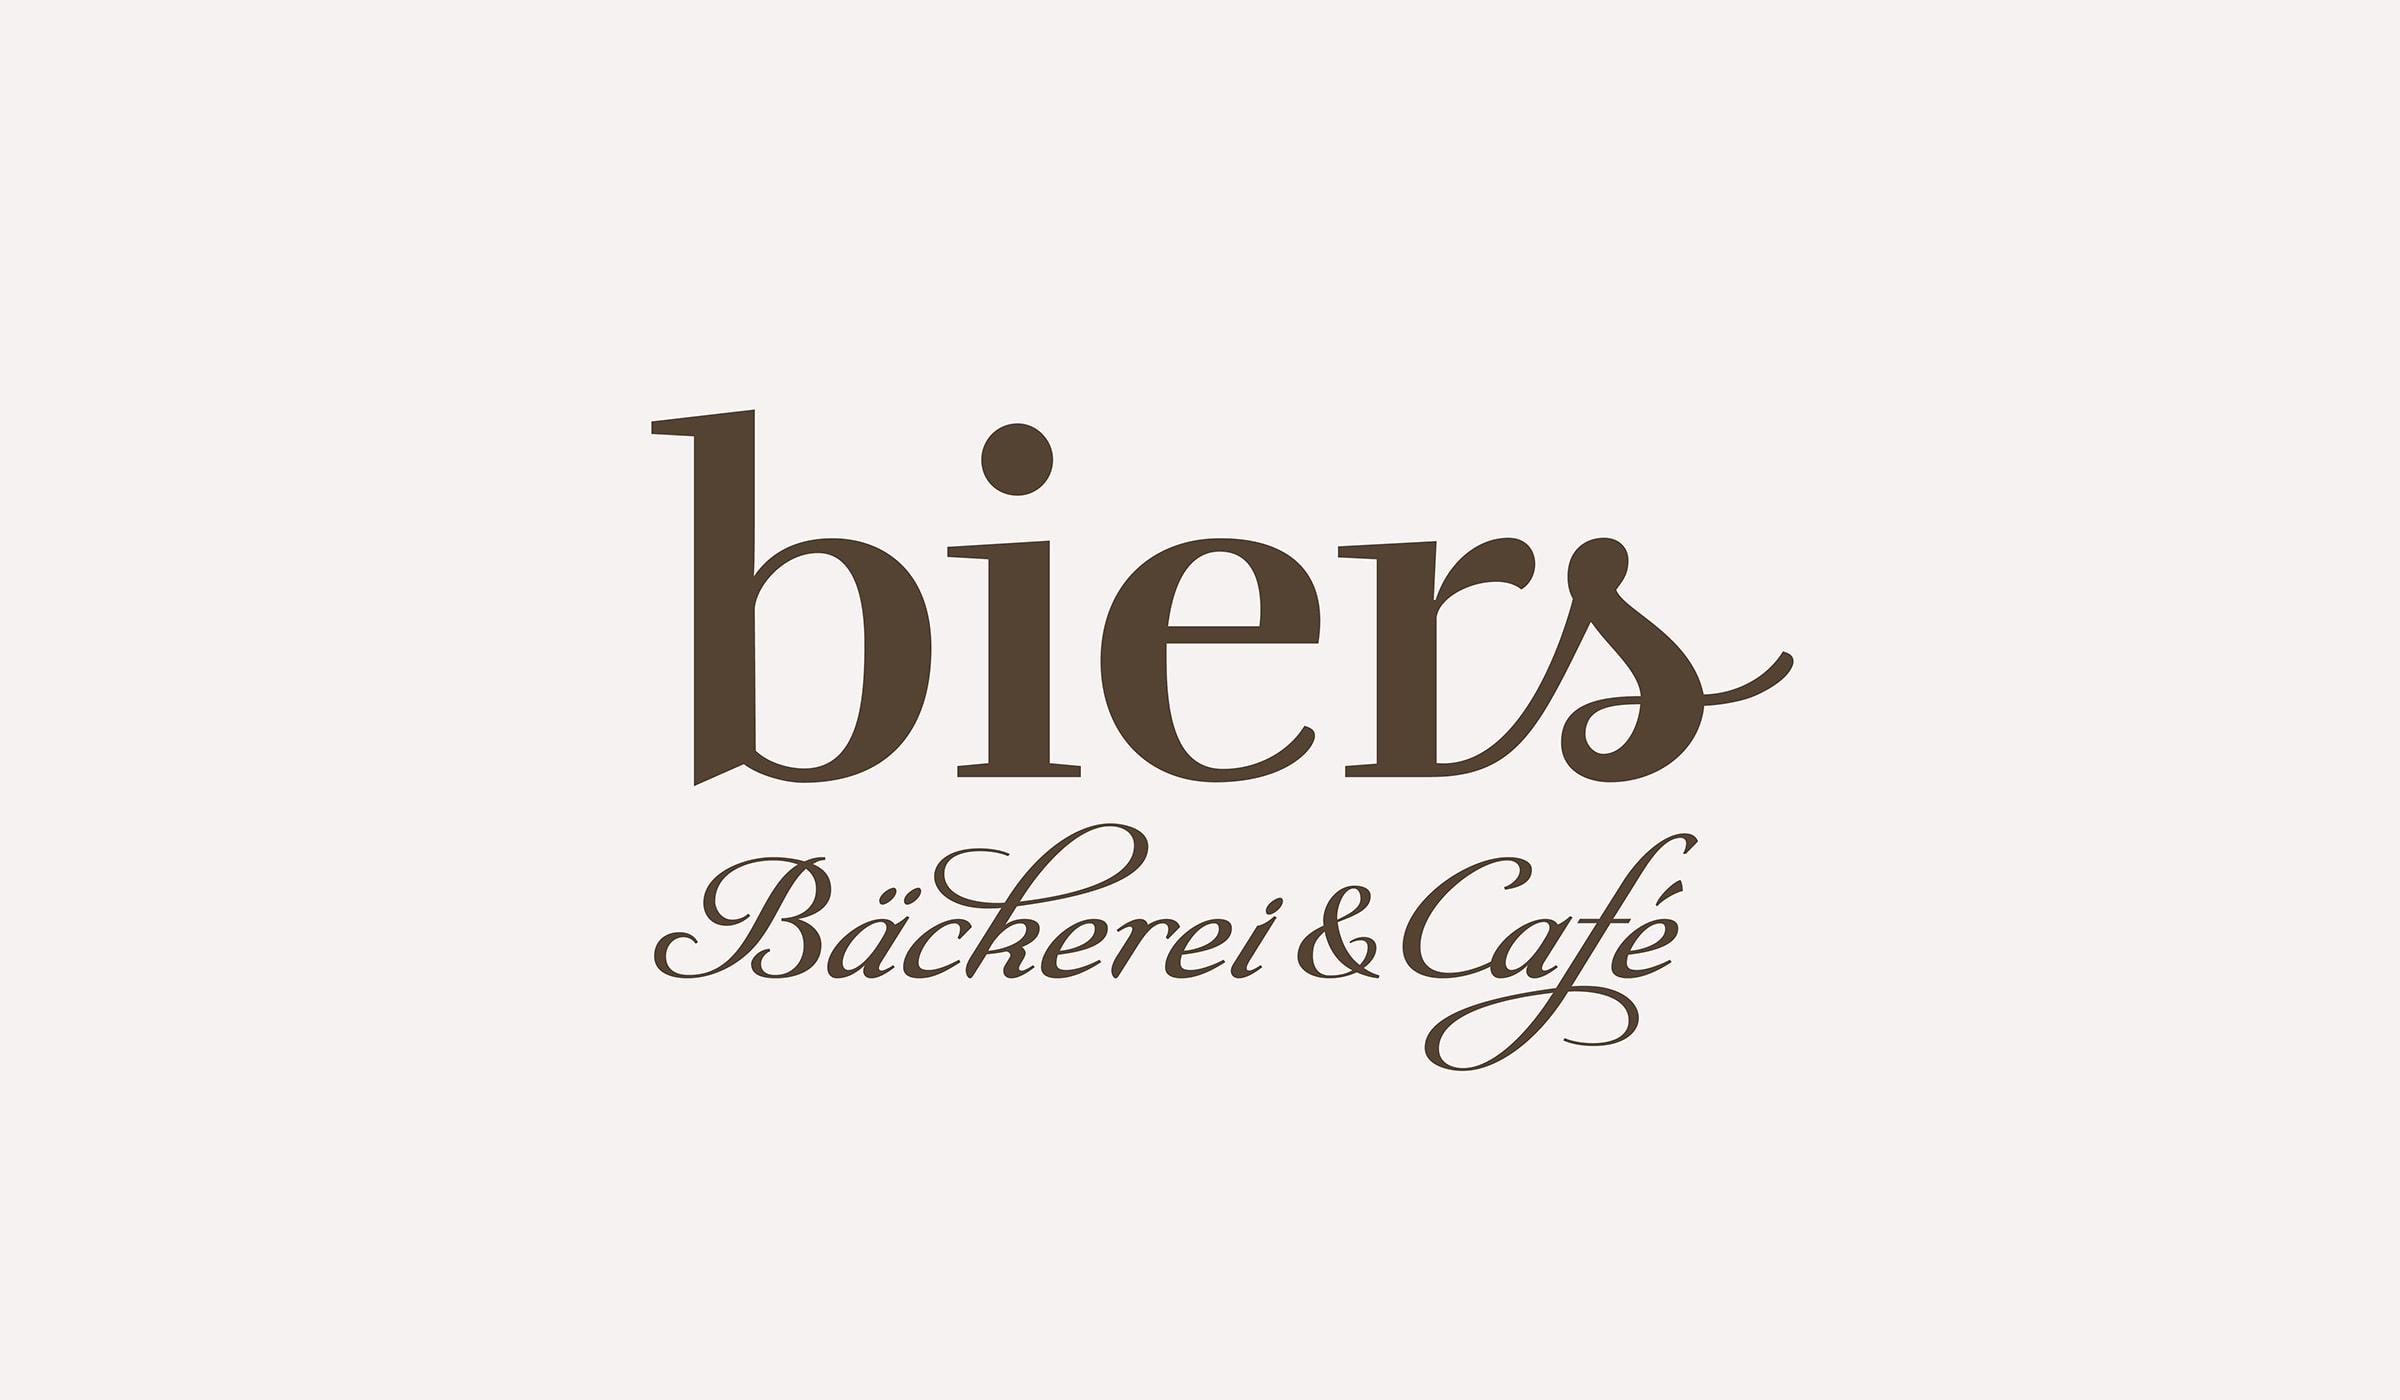 Branding für eine Bäckerei mit Café entwickelt durch die Werbeagentur mieker - Konzept Design Strategie. Logo als Wort-Bildmarke. Bestandteile des Erscheinungsbildes: Kommunikationsdesign, Grafikdesign, Brand- und Corporate Design, Logodesign, Werbemittel und Werbung. Regionen: Luxembourg, Saarbrücken, Trier, Koblenz.